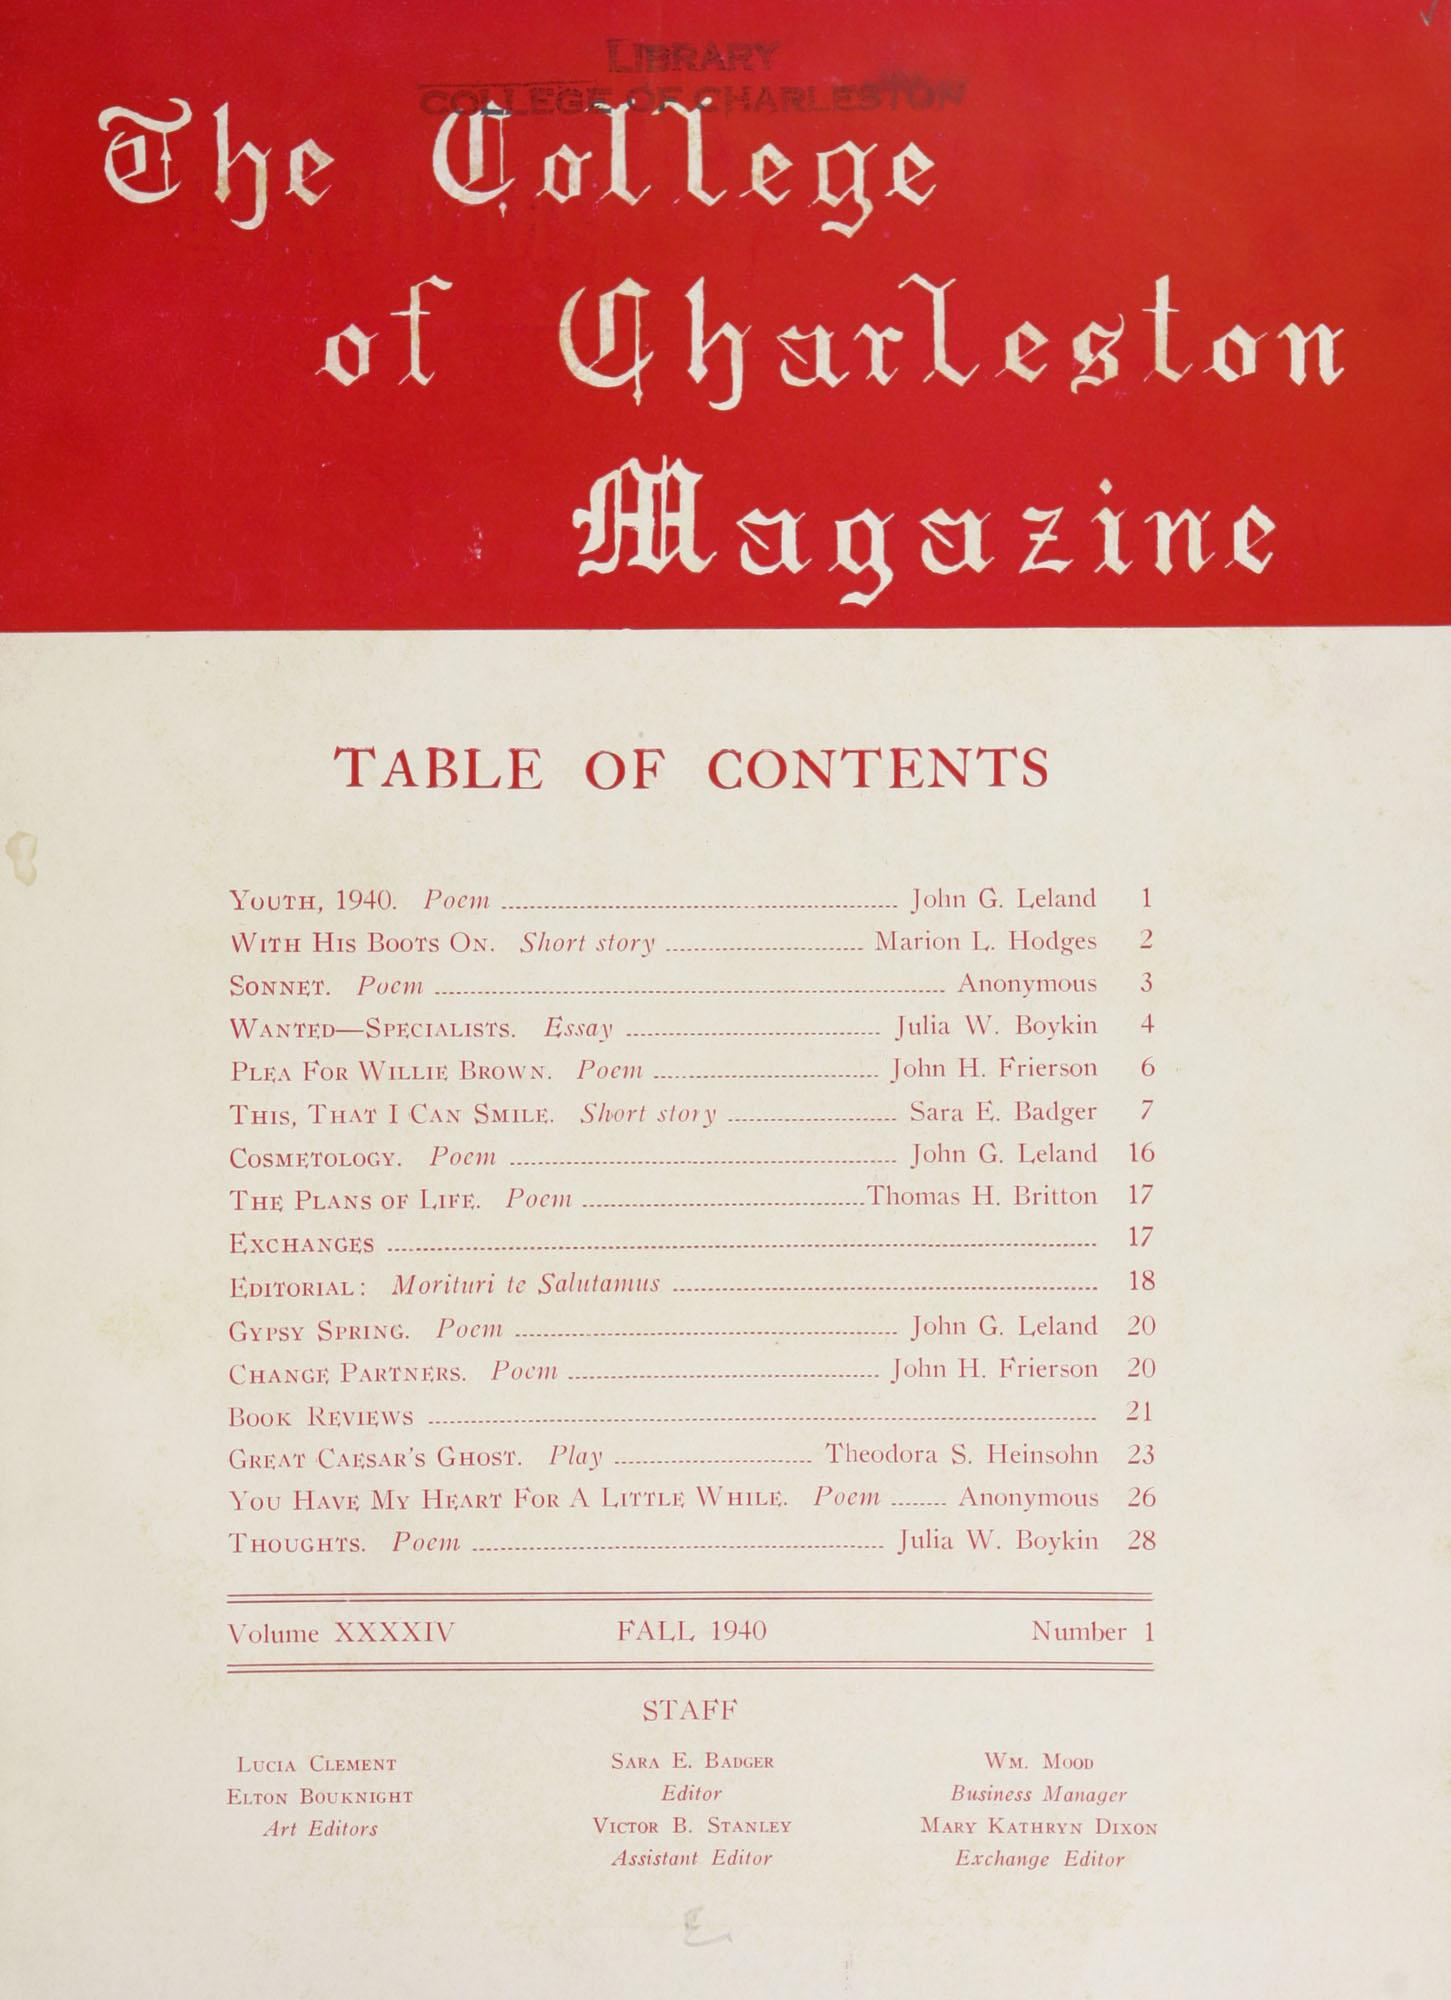 College of Charleston Magazine, 1940-1941